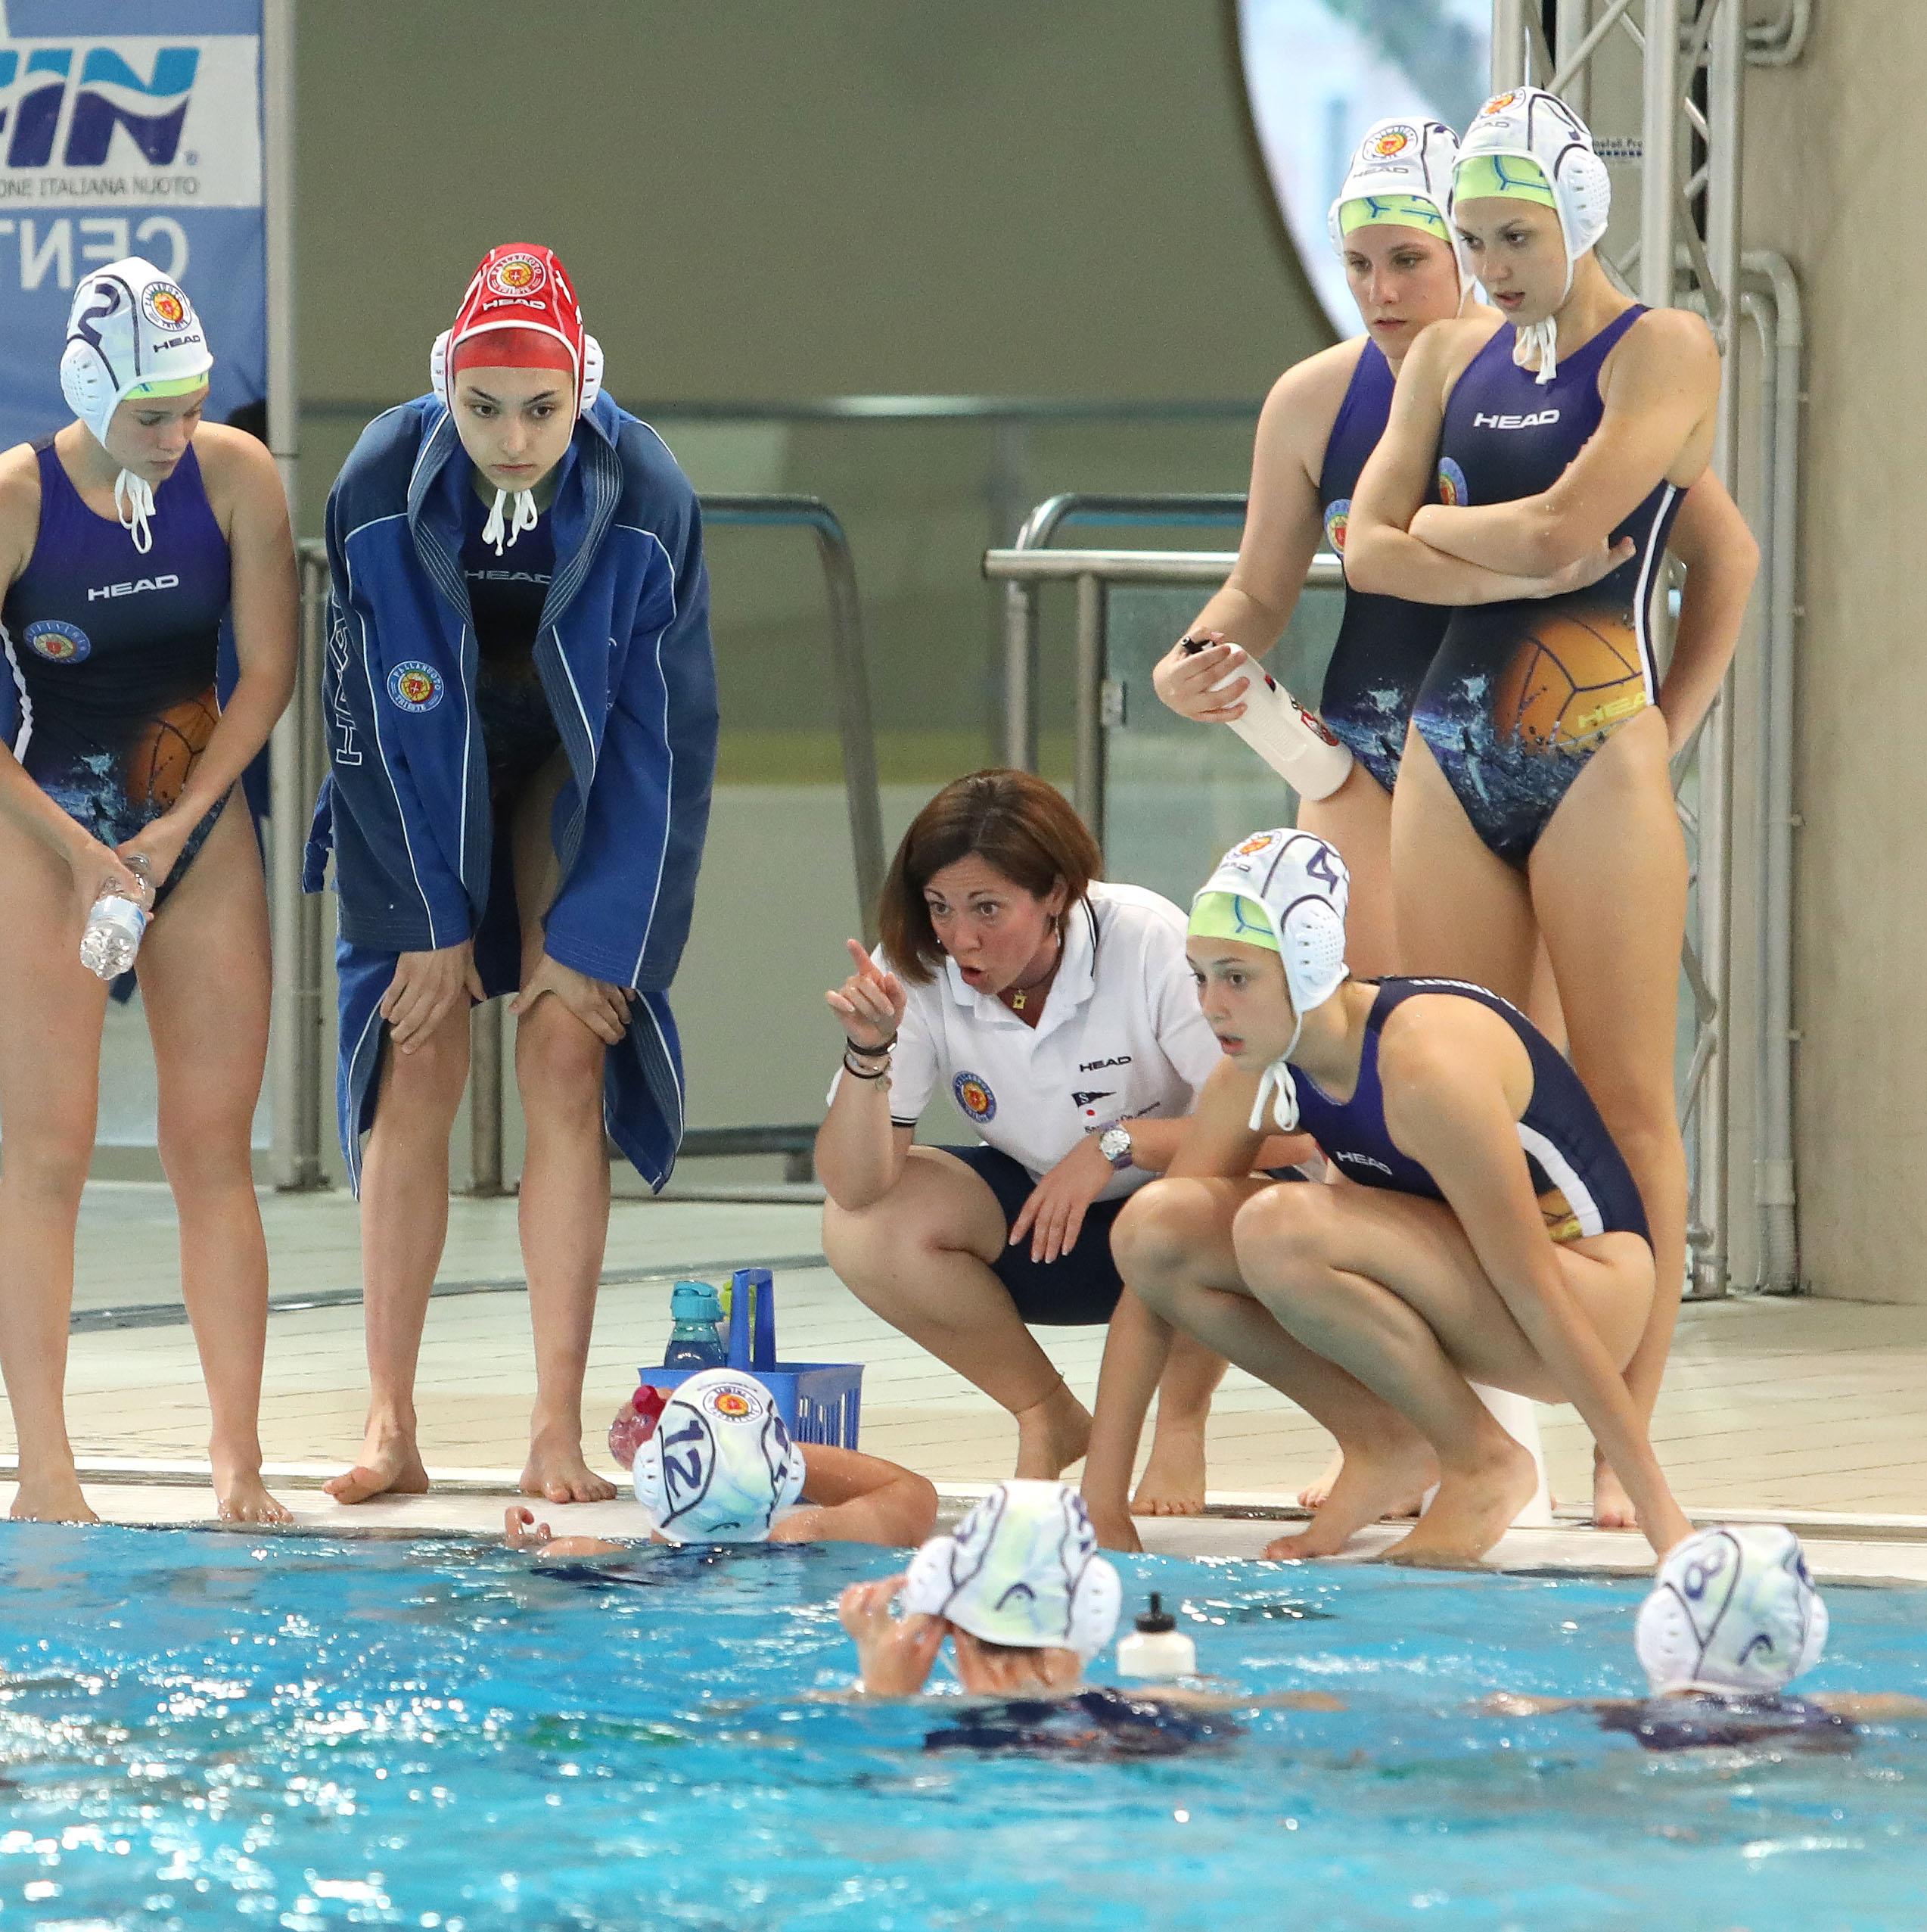 Under 19 femminile: finali scudetto, nei quarti di finale l'Orizzonte Catania ferma la Pallanuoto Trieste (8-3)